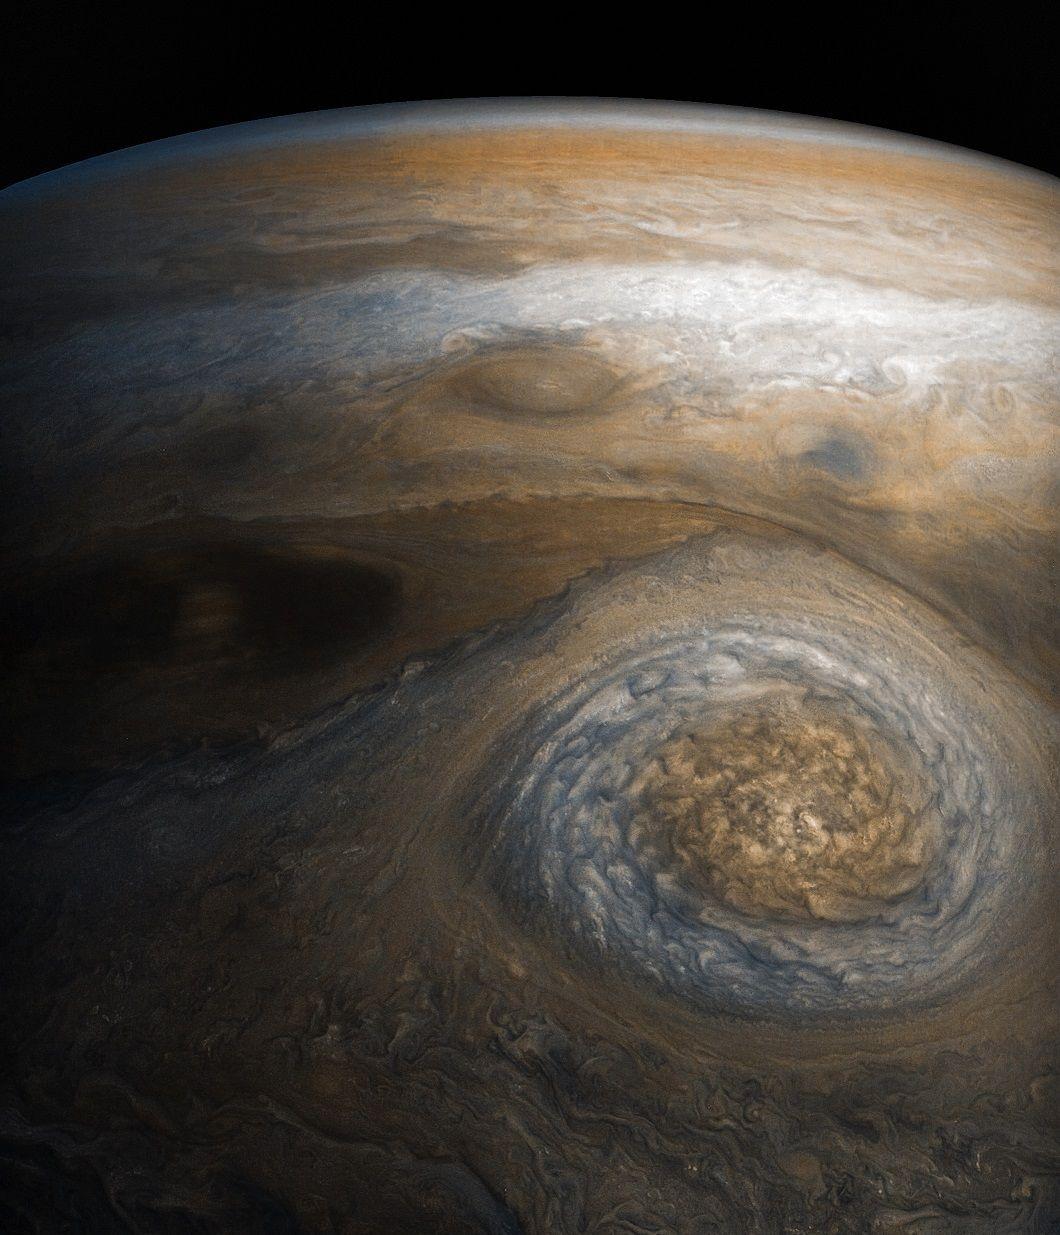 Юпитер отделя топлина, която превишава 2,5 пъти енергията, която планетата получава от Слънцето.